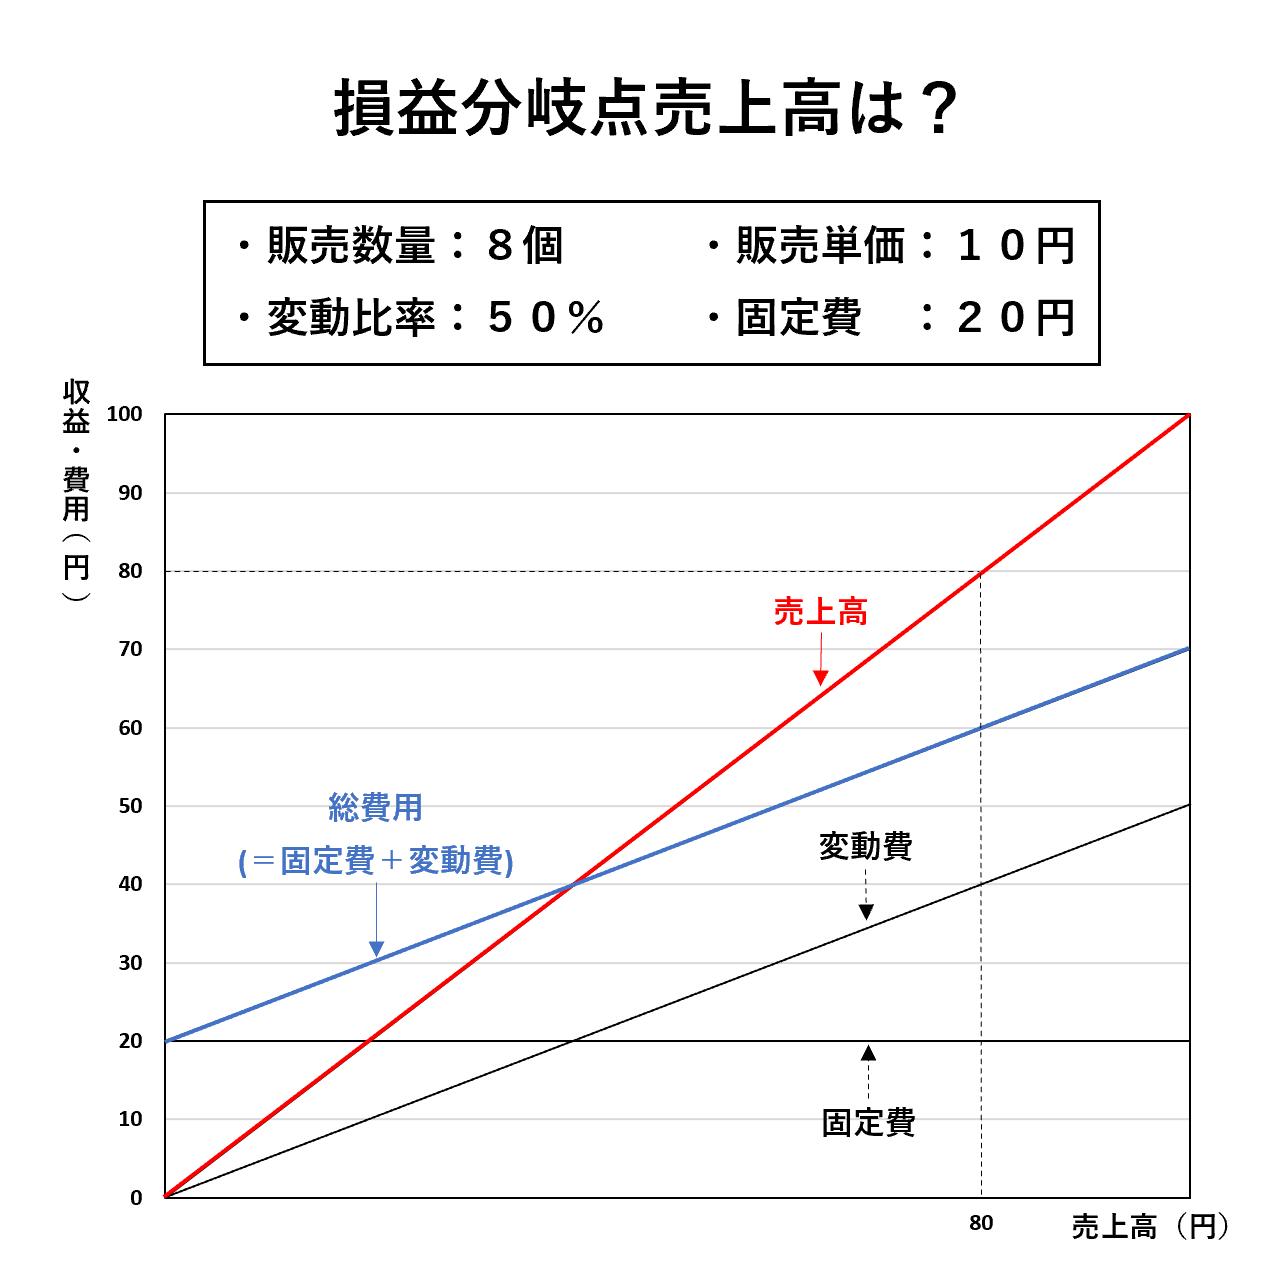 損益分岐点分析(ビジネス会計検定2級):損益分岐点売上高ー問題